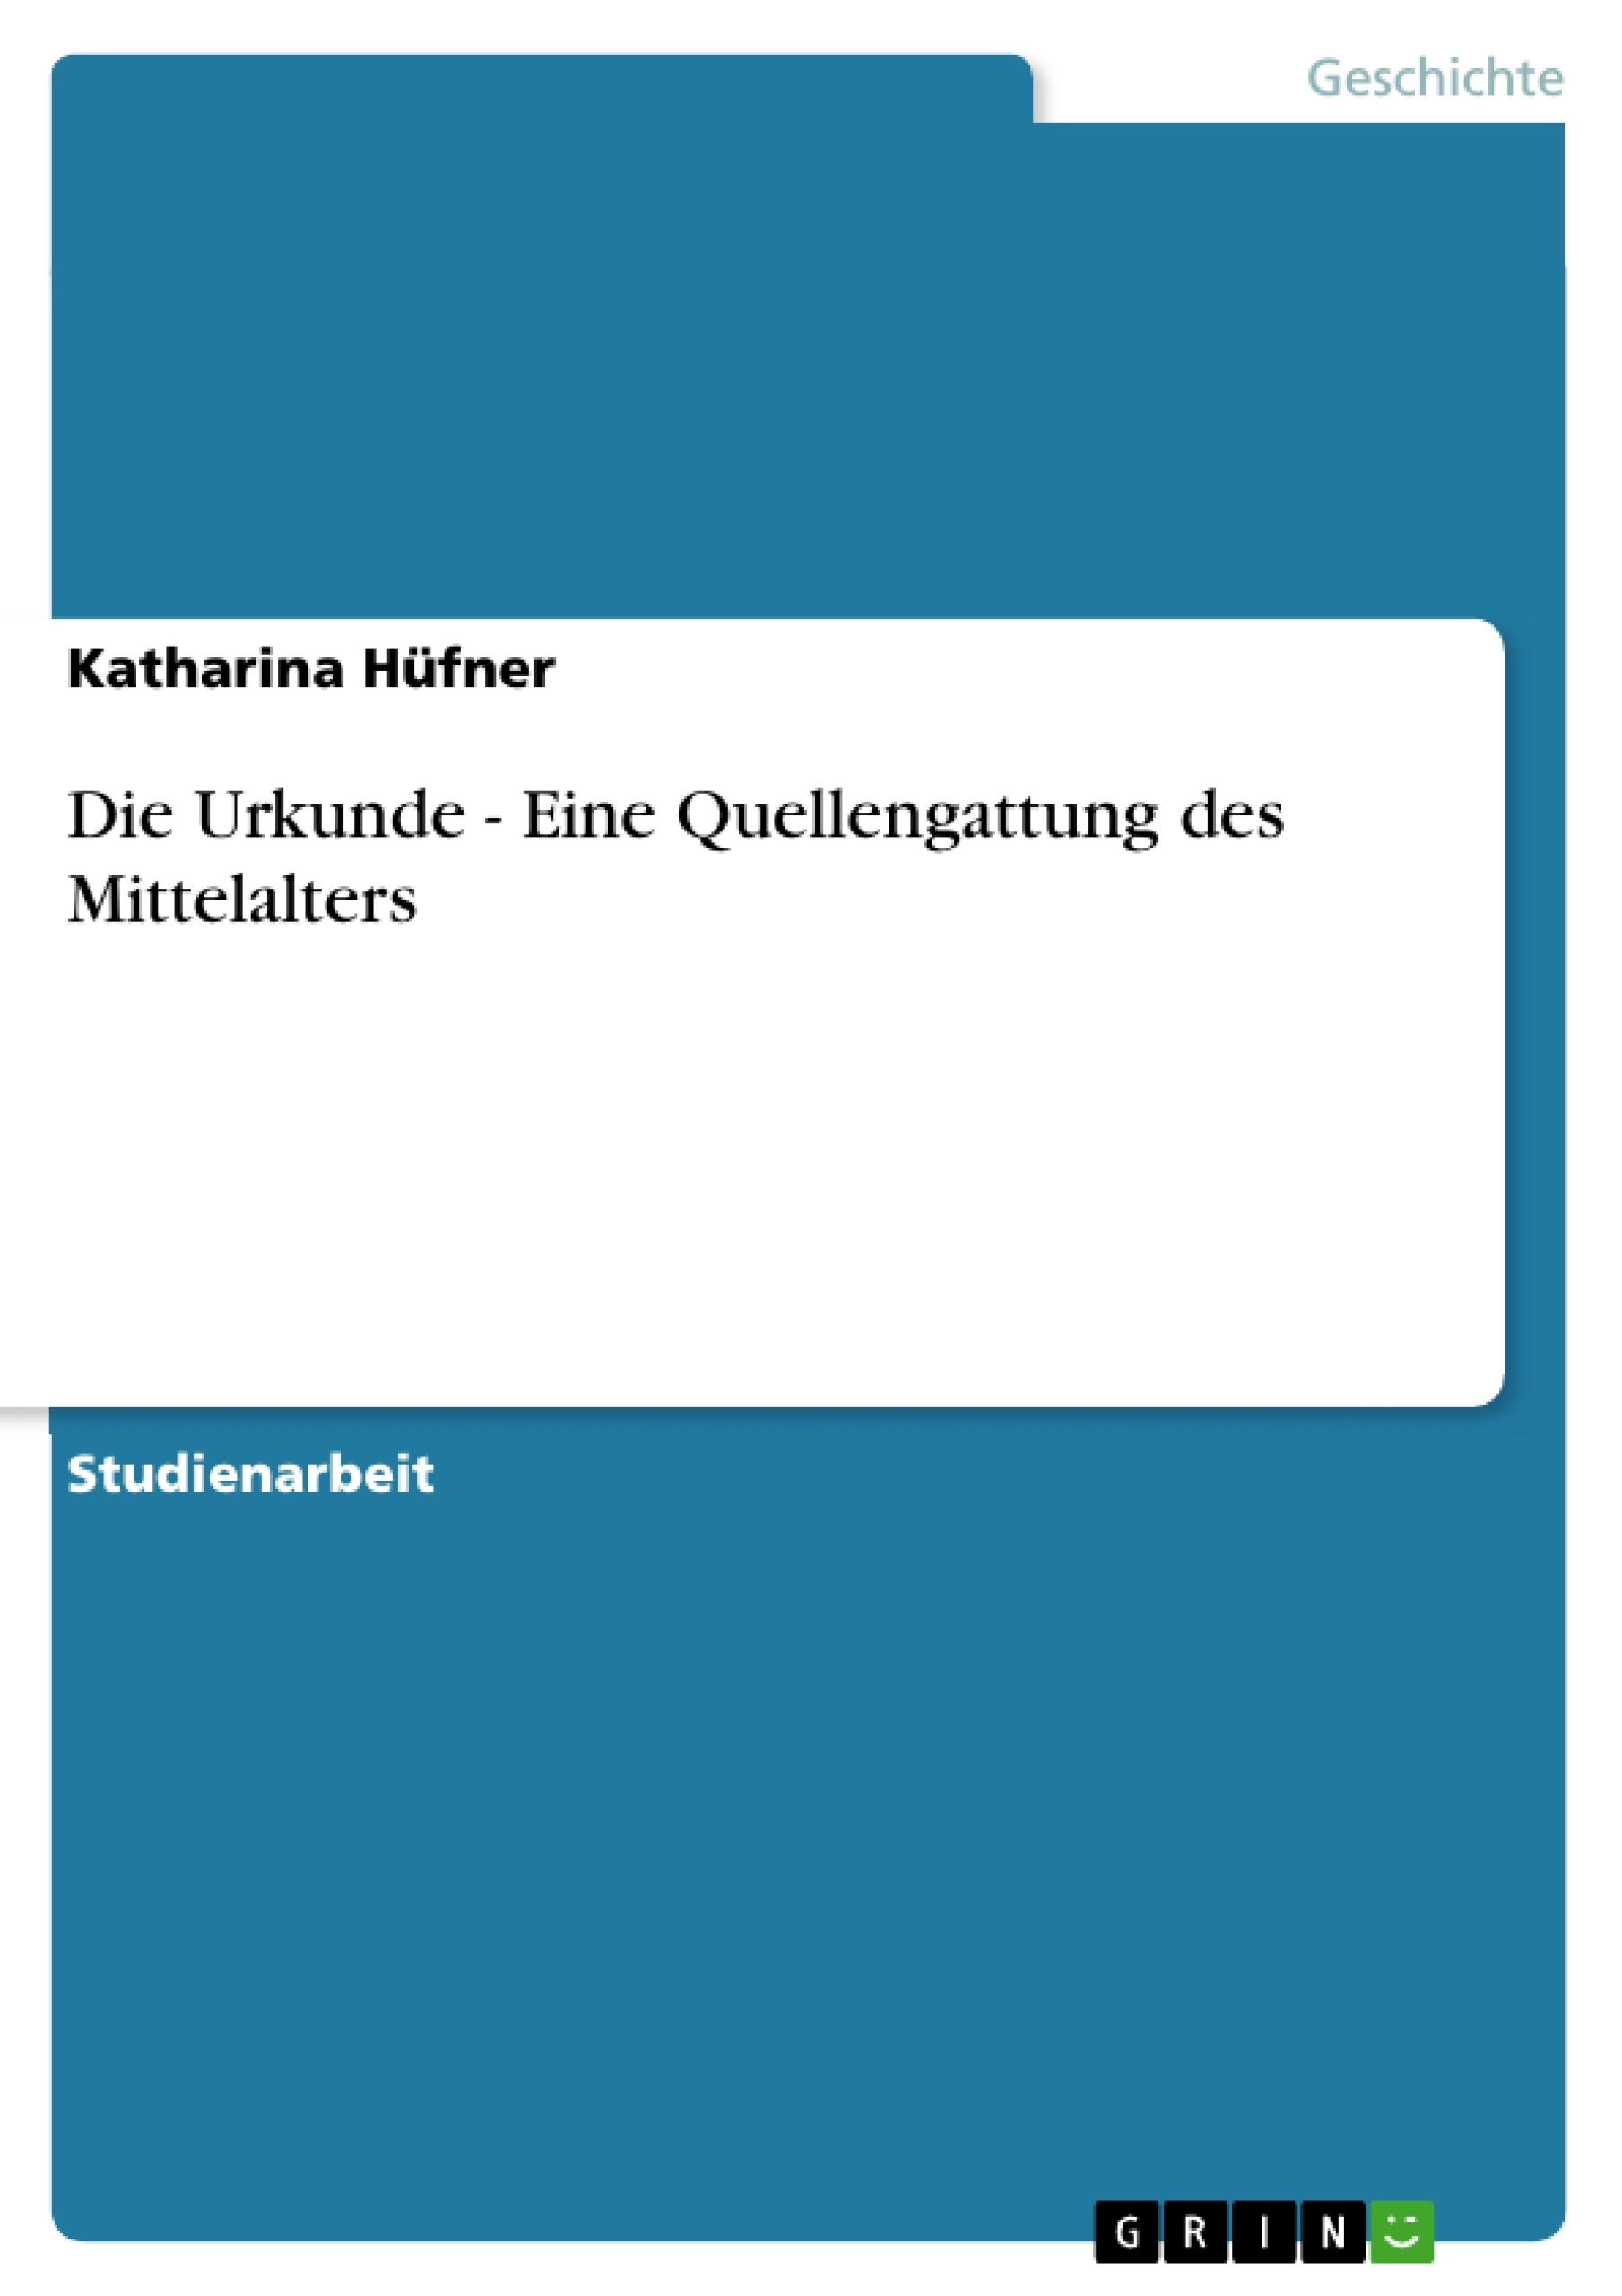 Titel: Die Urkunde - Eine Quellengattung des Mittelalters